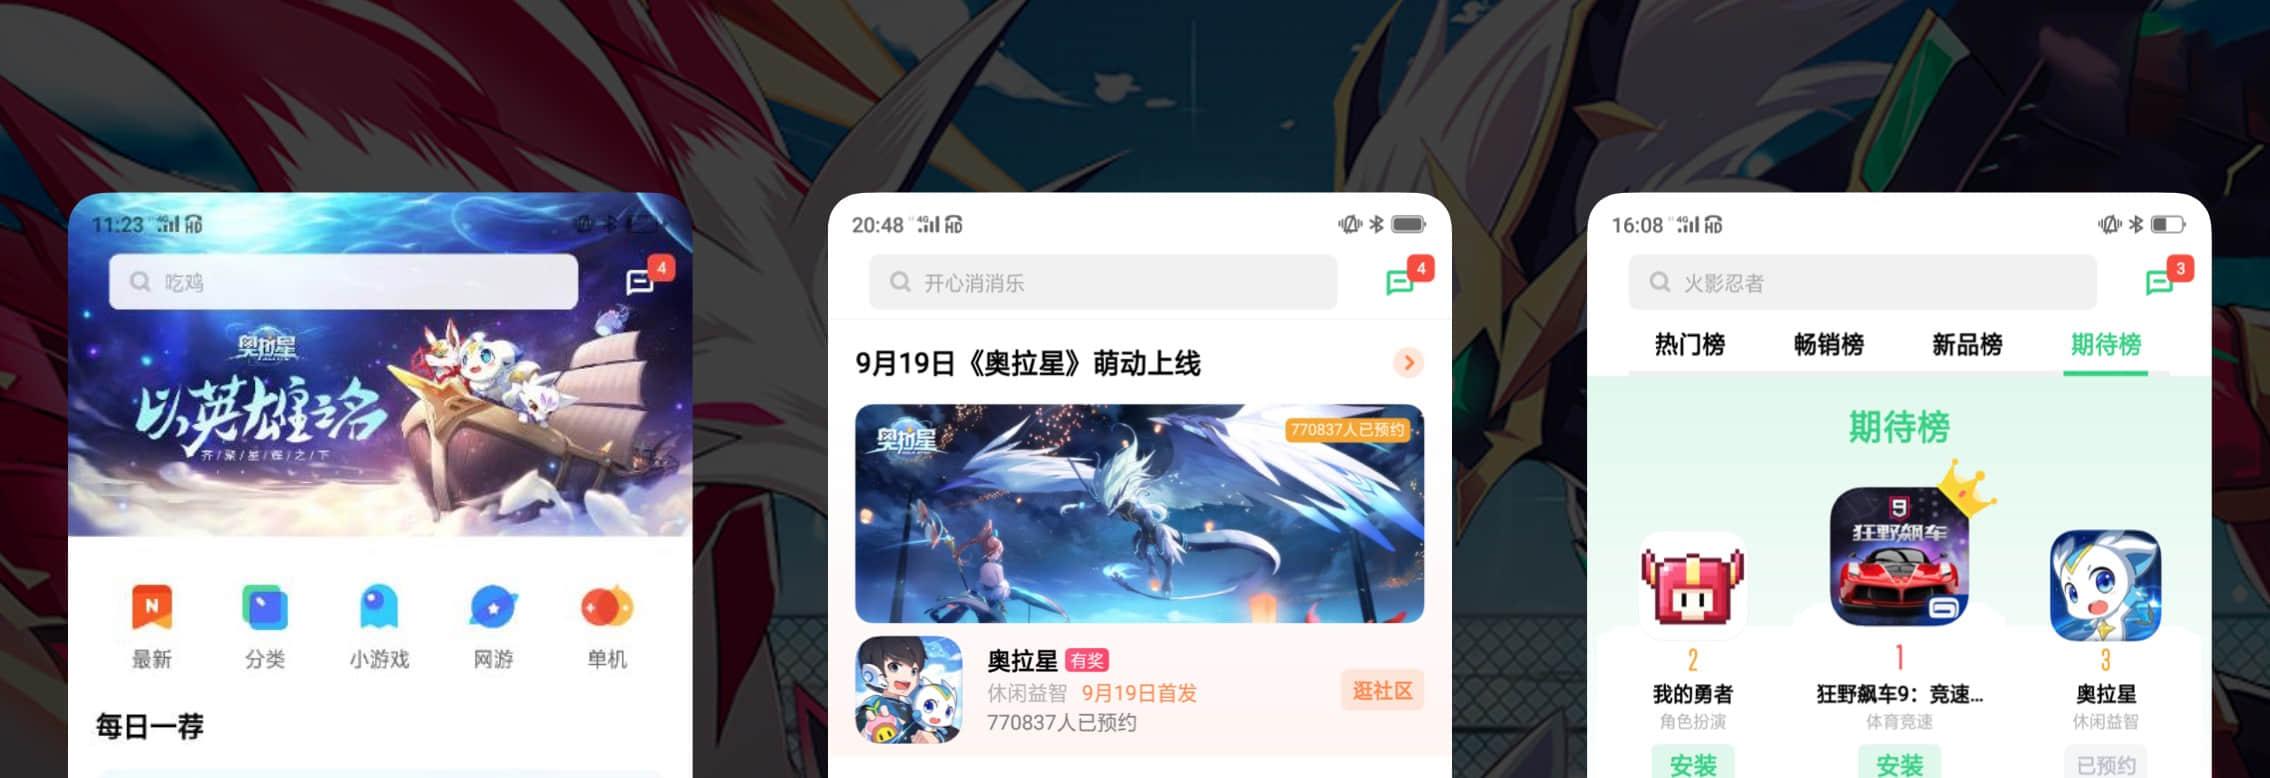 天梯网络CEO钟虹:如何用九年培养一个增量市场-Gamewower